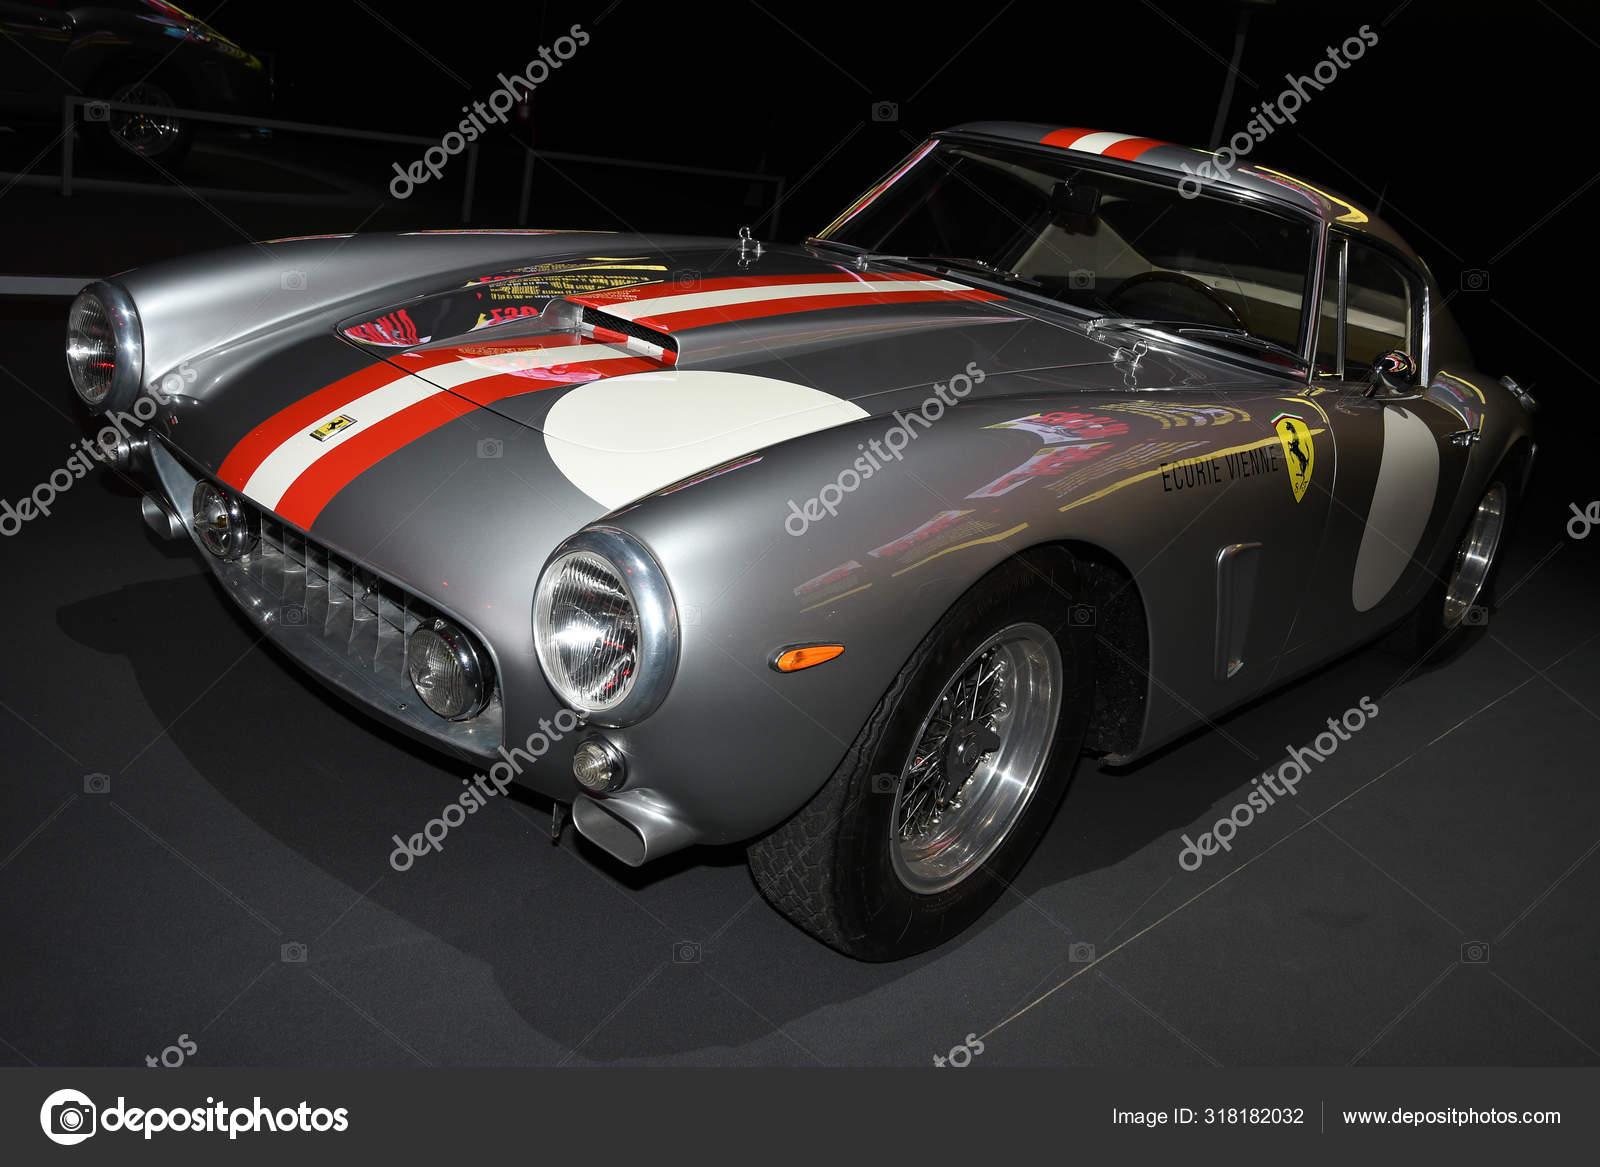 Mugello Circuit October 2019 Vintage Ferrari 250 Swb Ecurie Vienne Stock Editorial Photo C Dan74 318182032